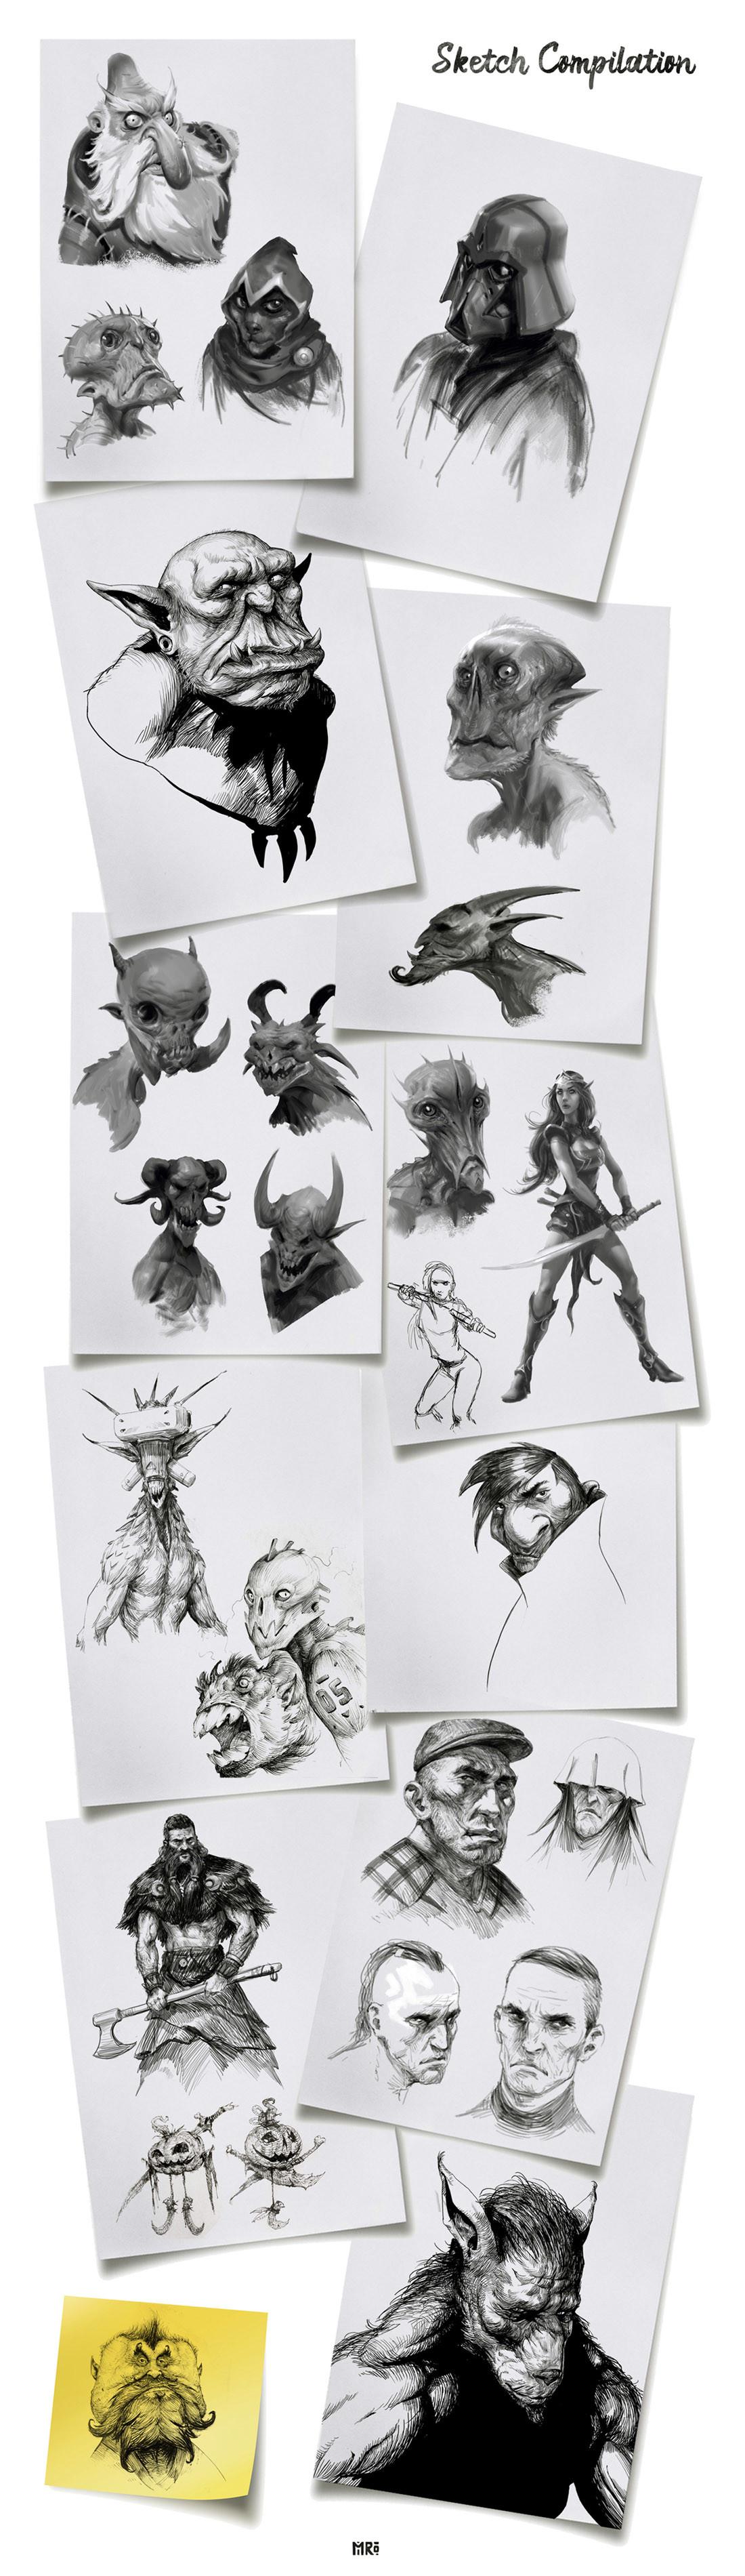 Miro petrov sketchcompilation